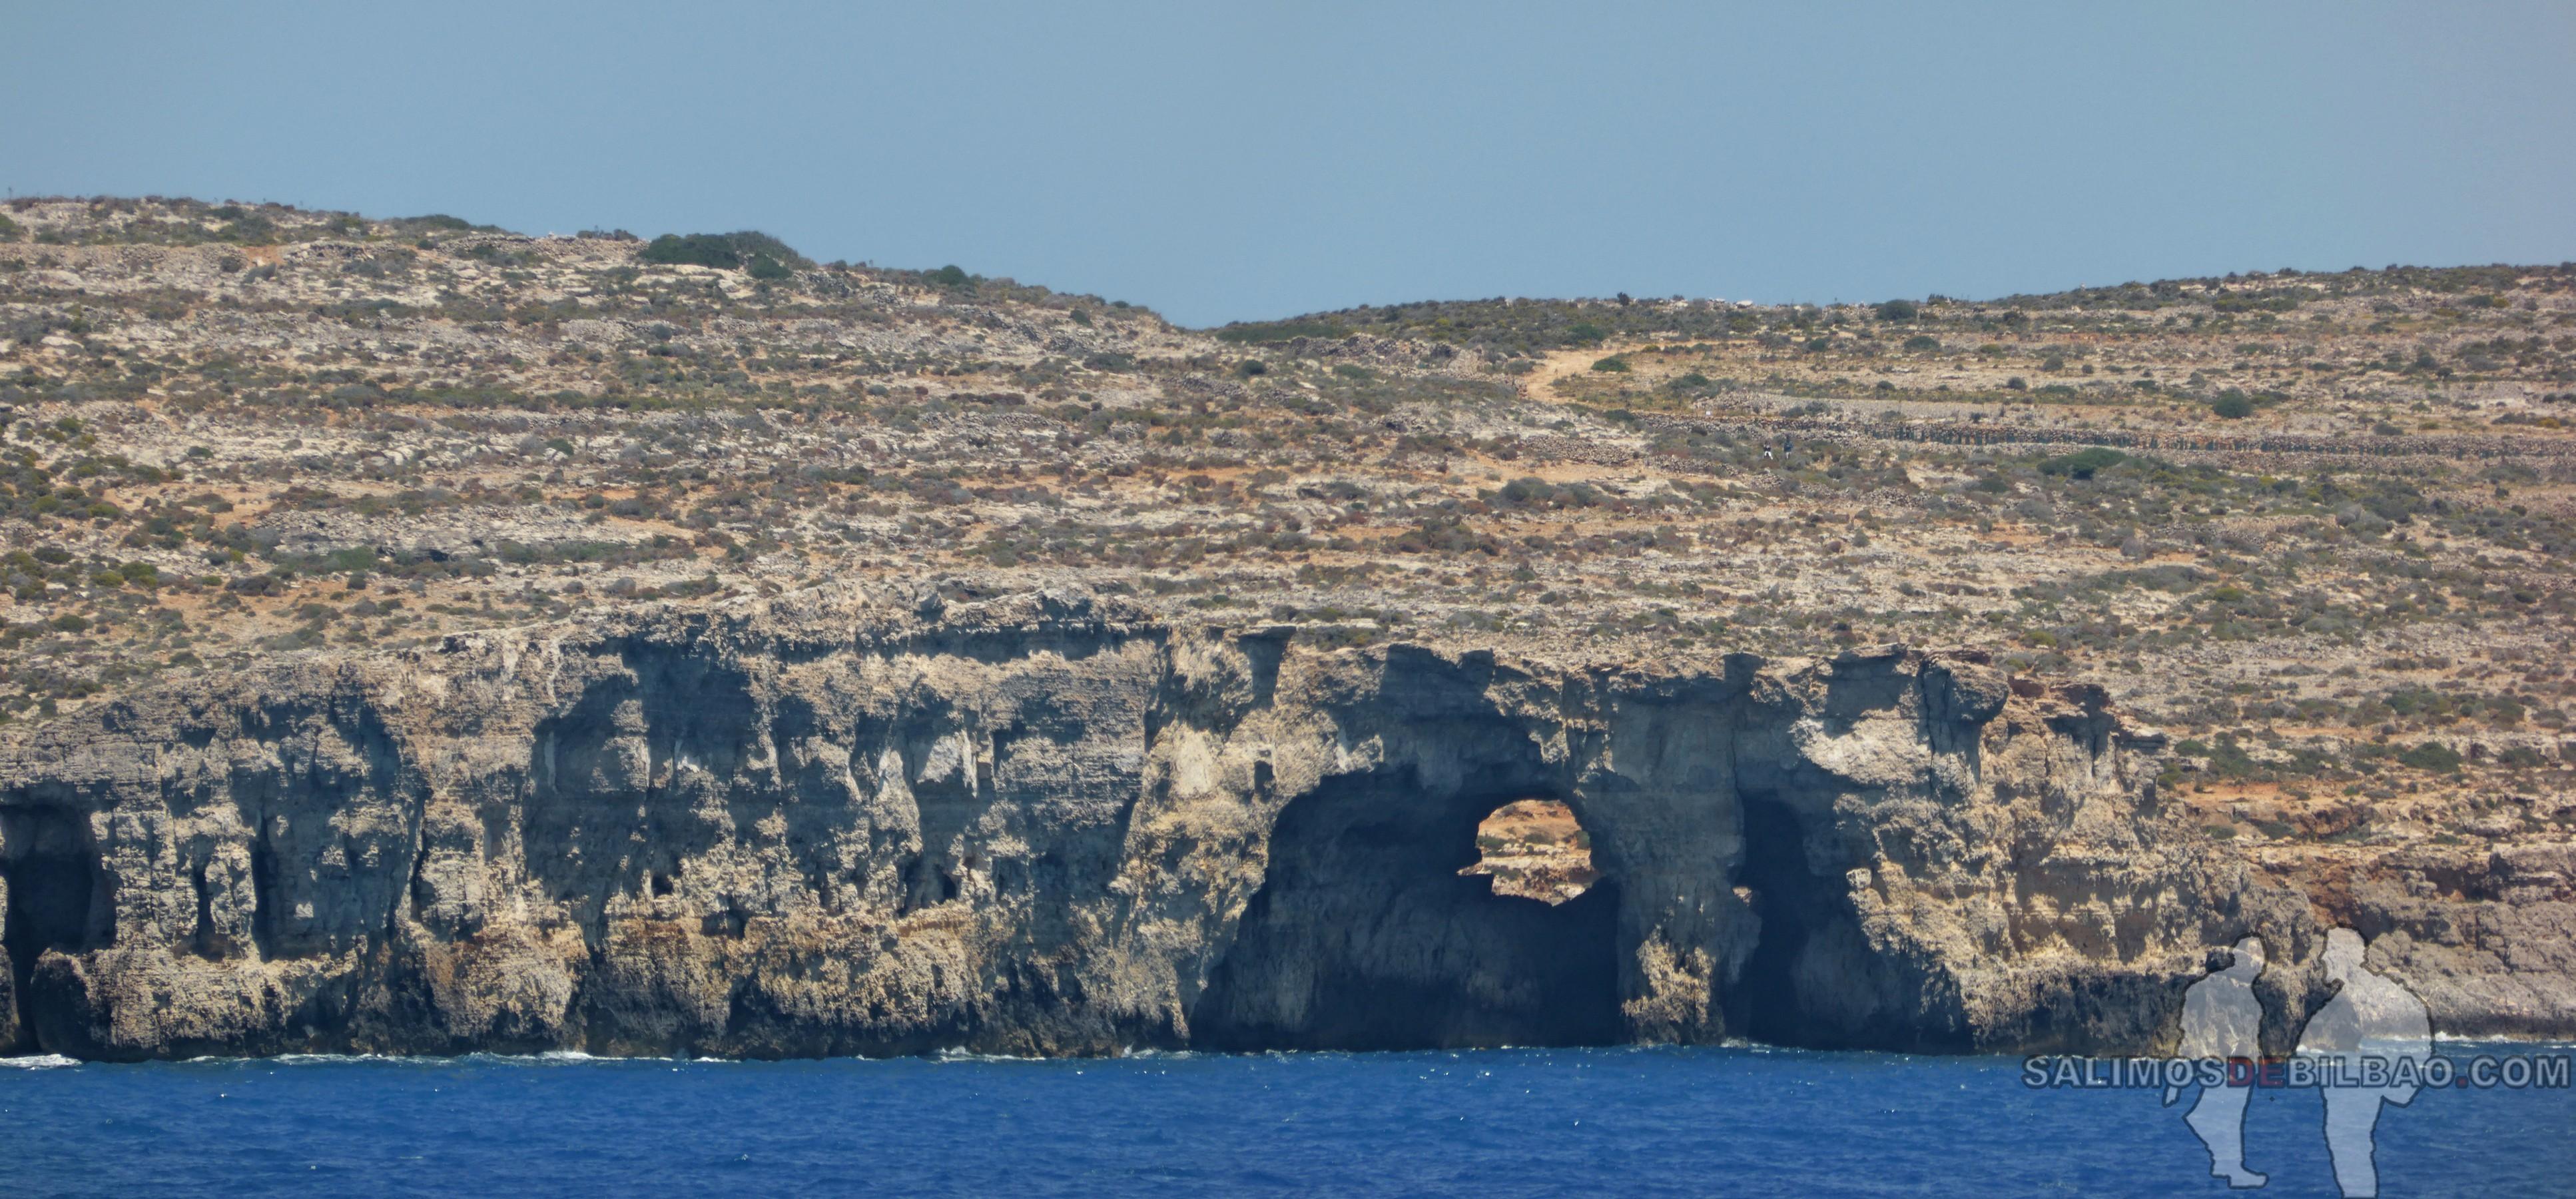 0614. Pano, Isla de Comino, Ferry de Gozo a Malta